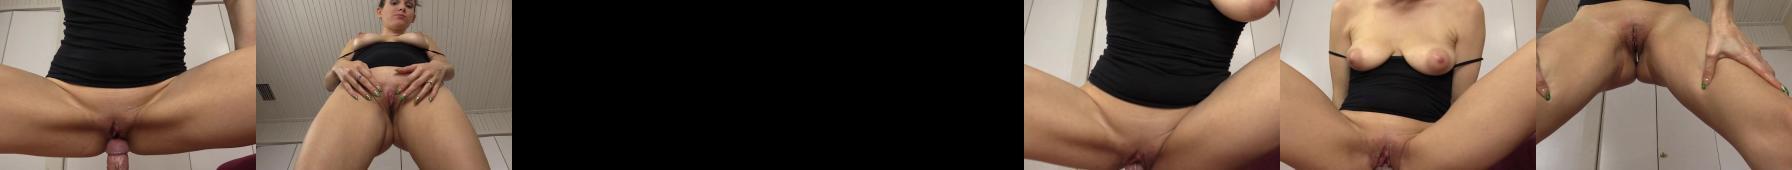 Lelu przed kamerą